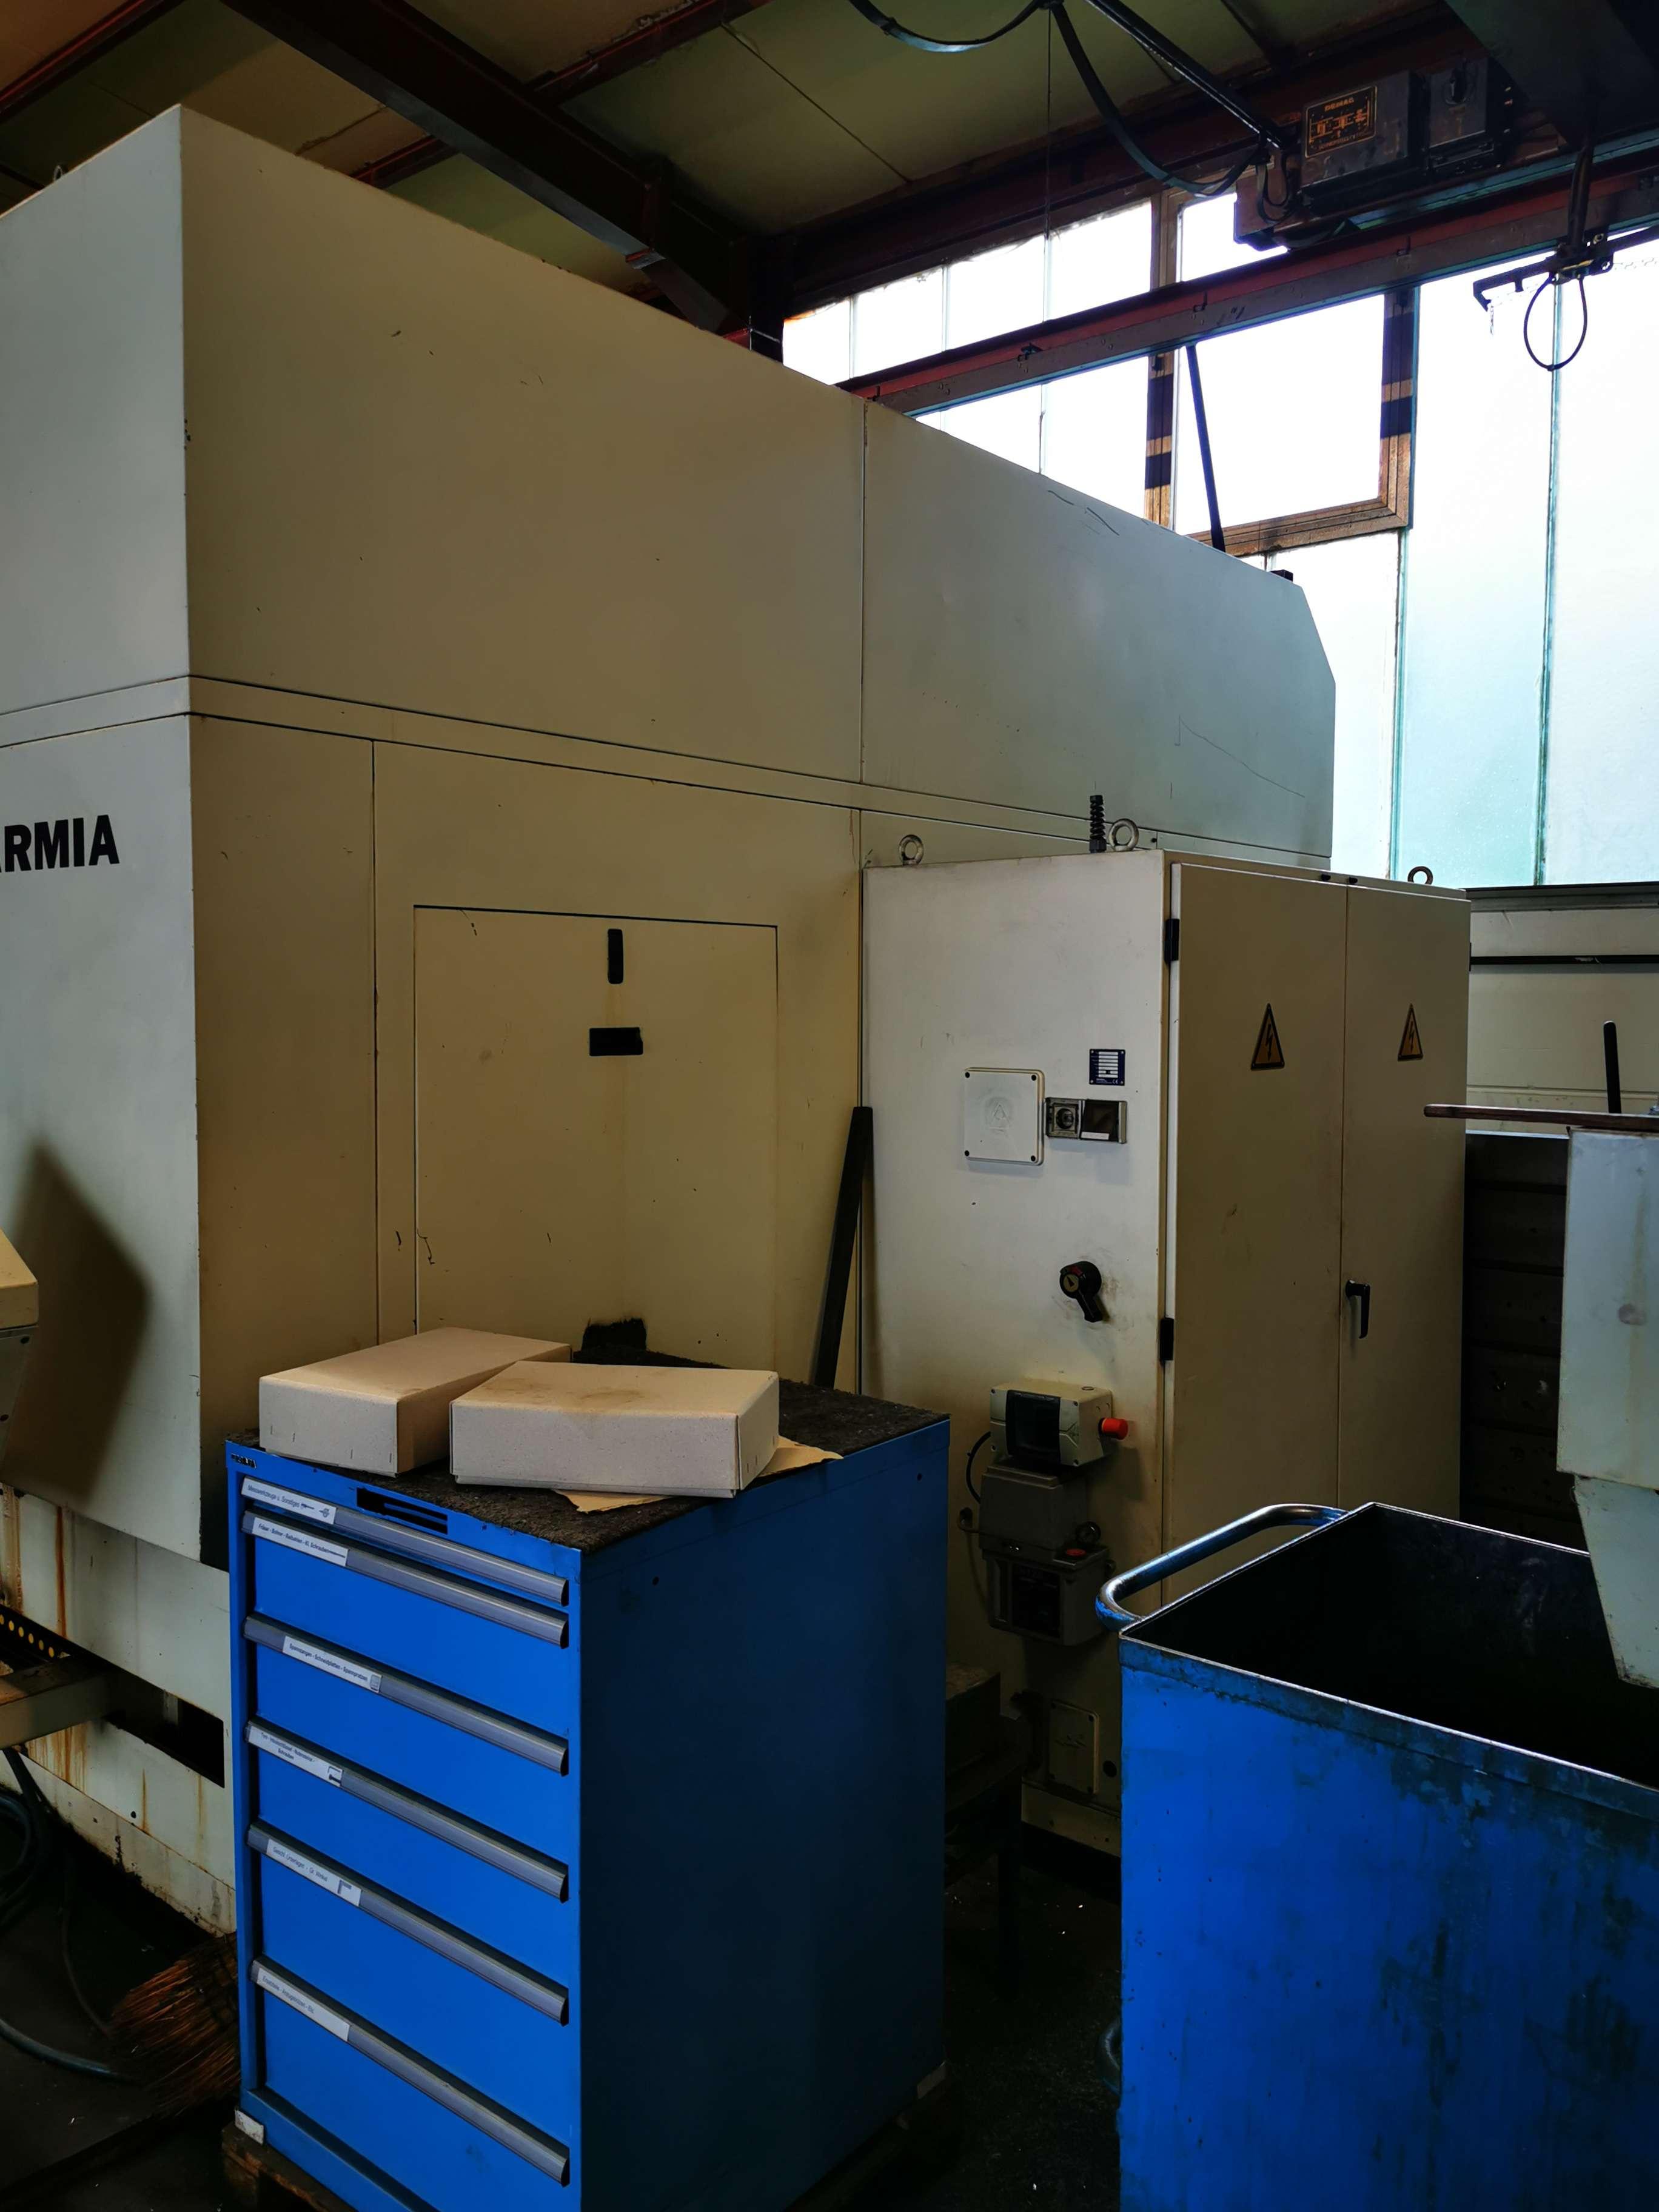 Обрабатывающий центр - вертикальный CNC Vertikal Bearbeitungszentrum  фото на Industry-Pilot